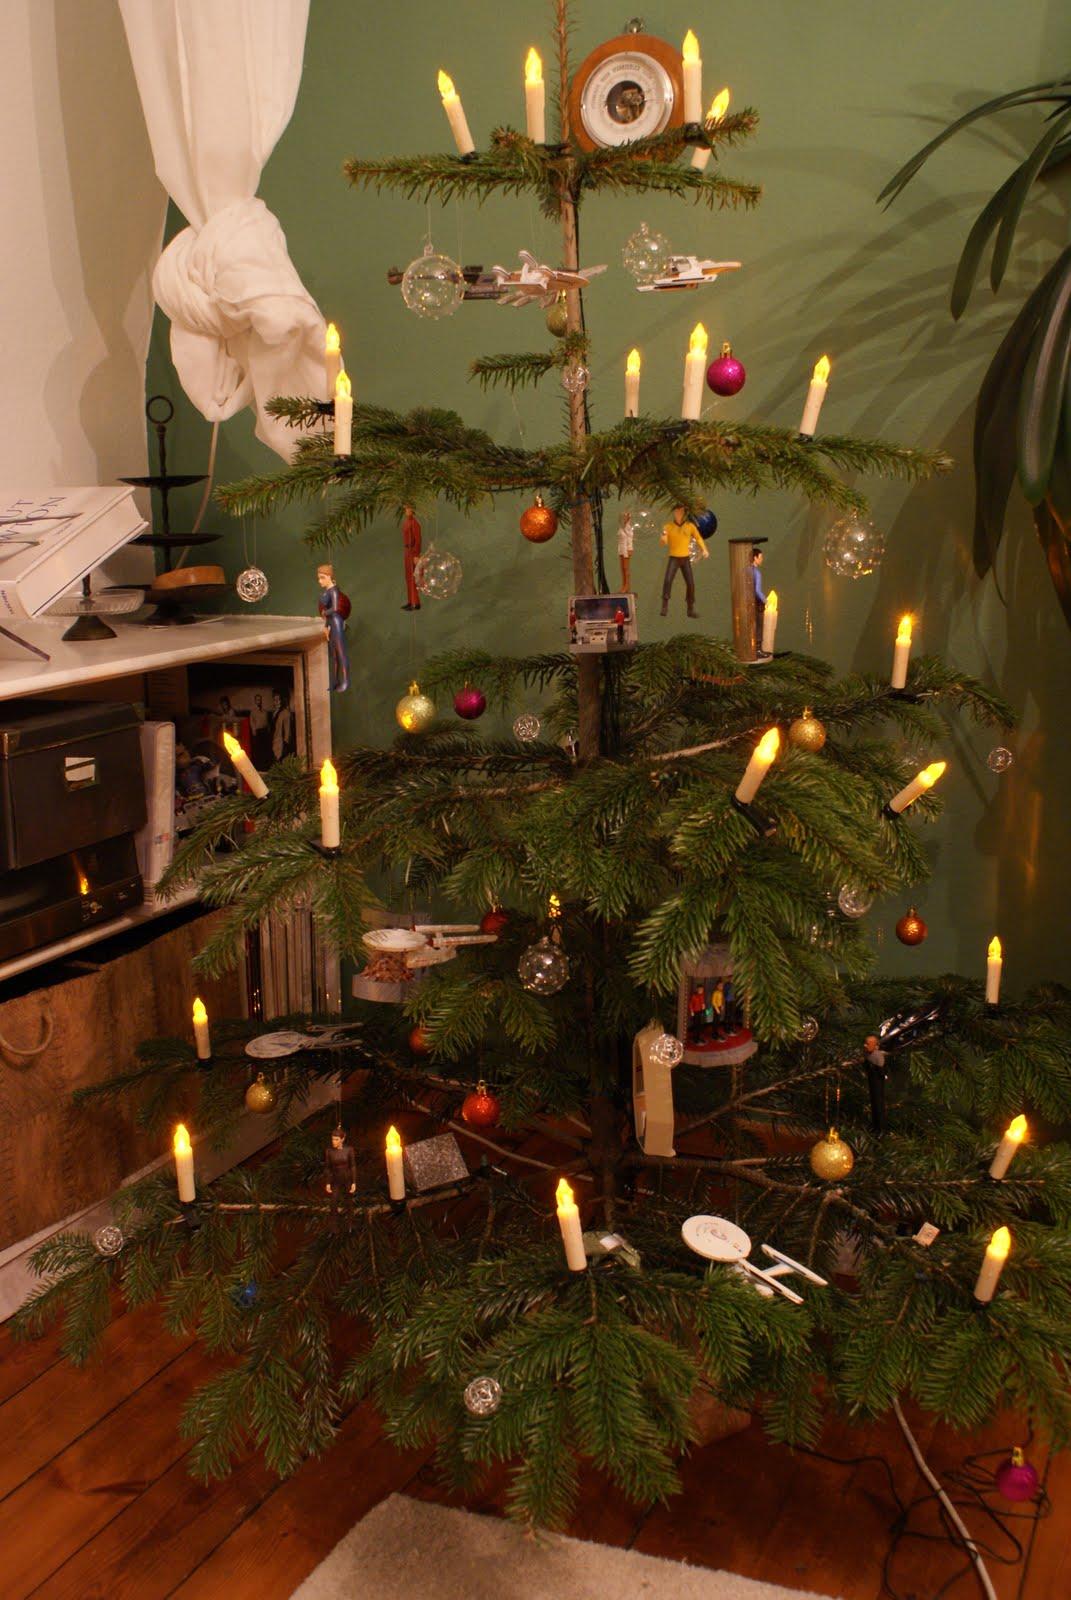 Star trek tafelrunde hermann darnell potsdam babelsberg for Amerikanischer weihnachtsbaum